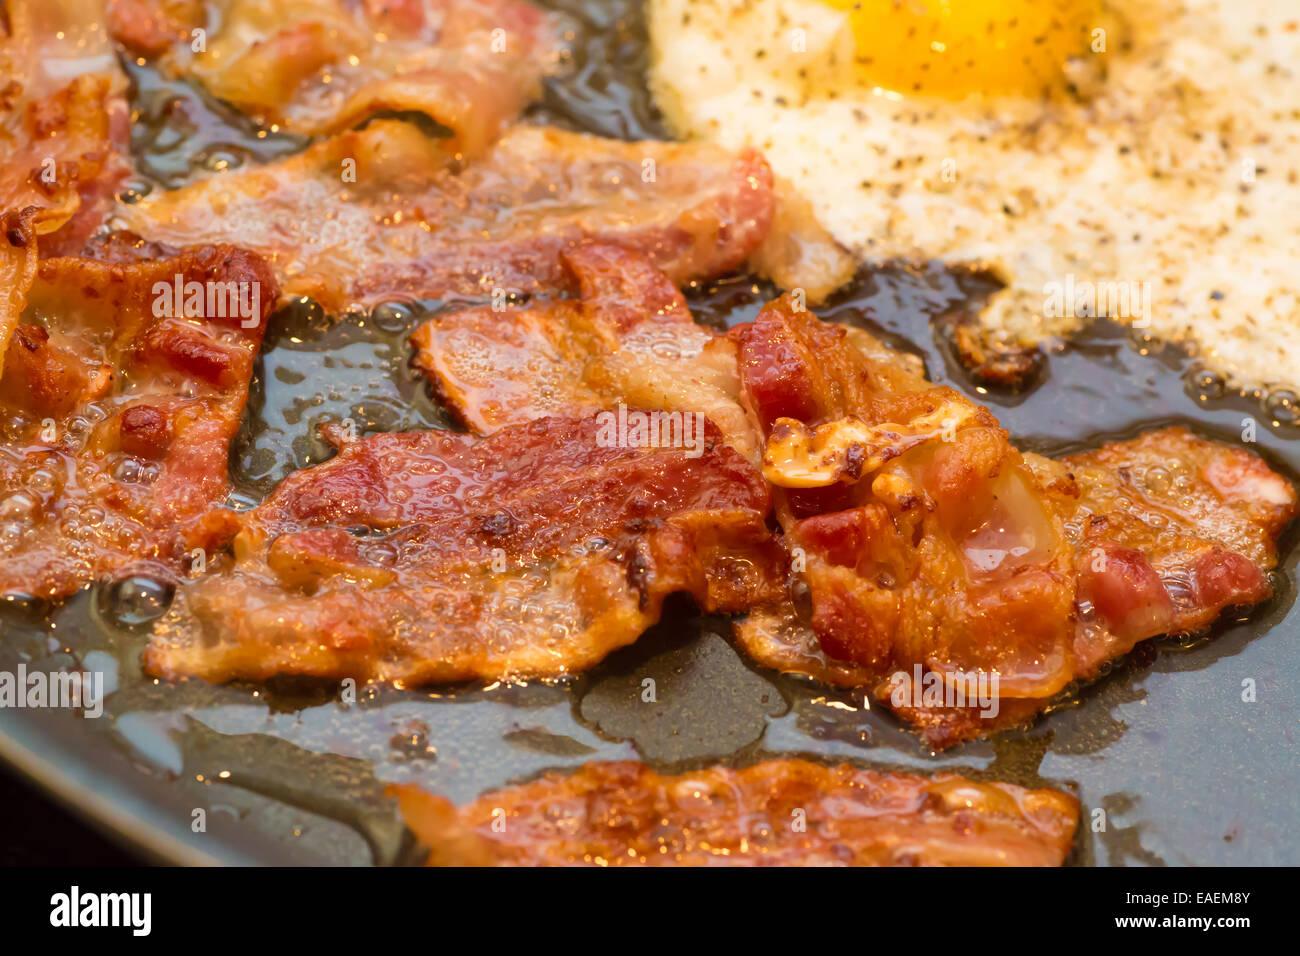 Un petit-déjeuner gras de bacon et un oeuf au plat dans une poêle à frire. Photo Stock